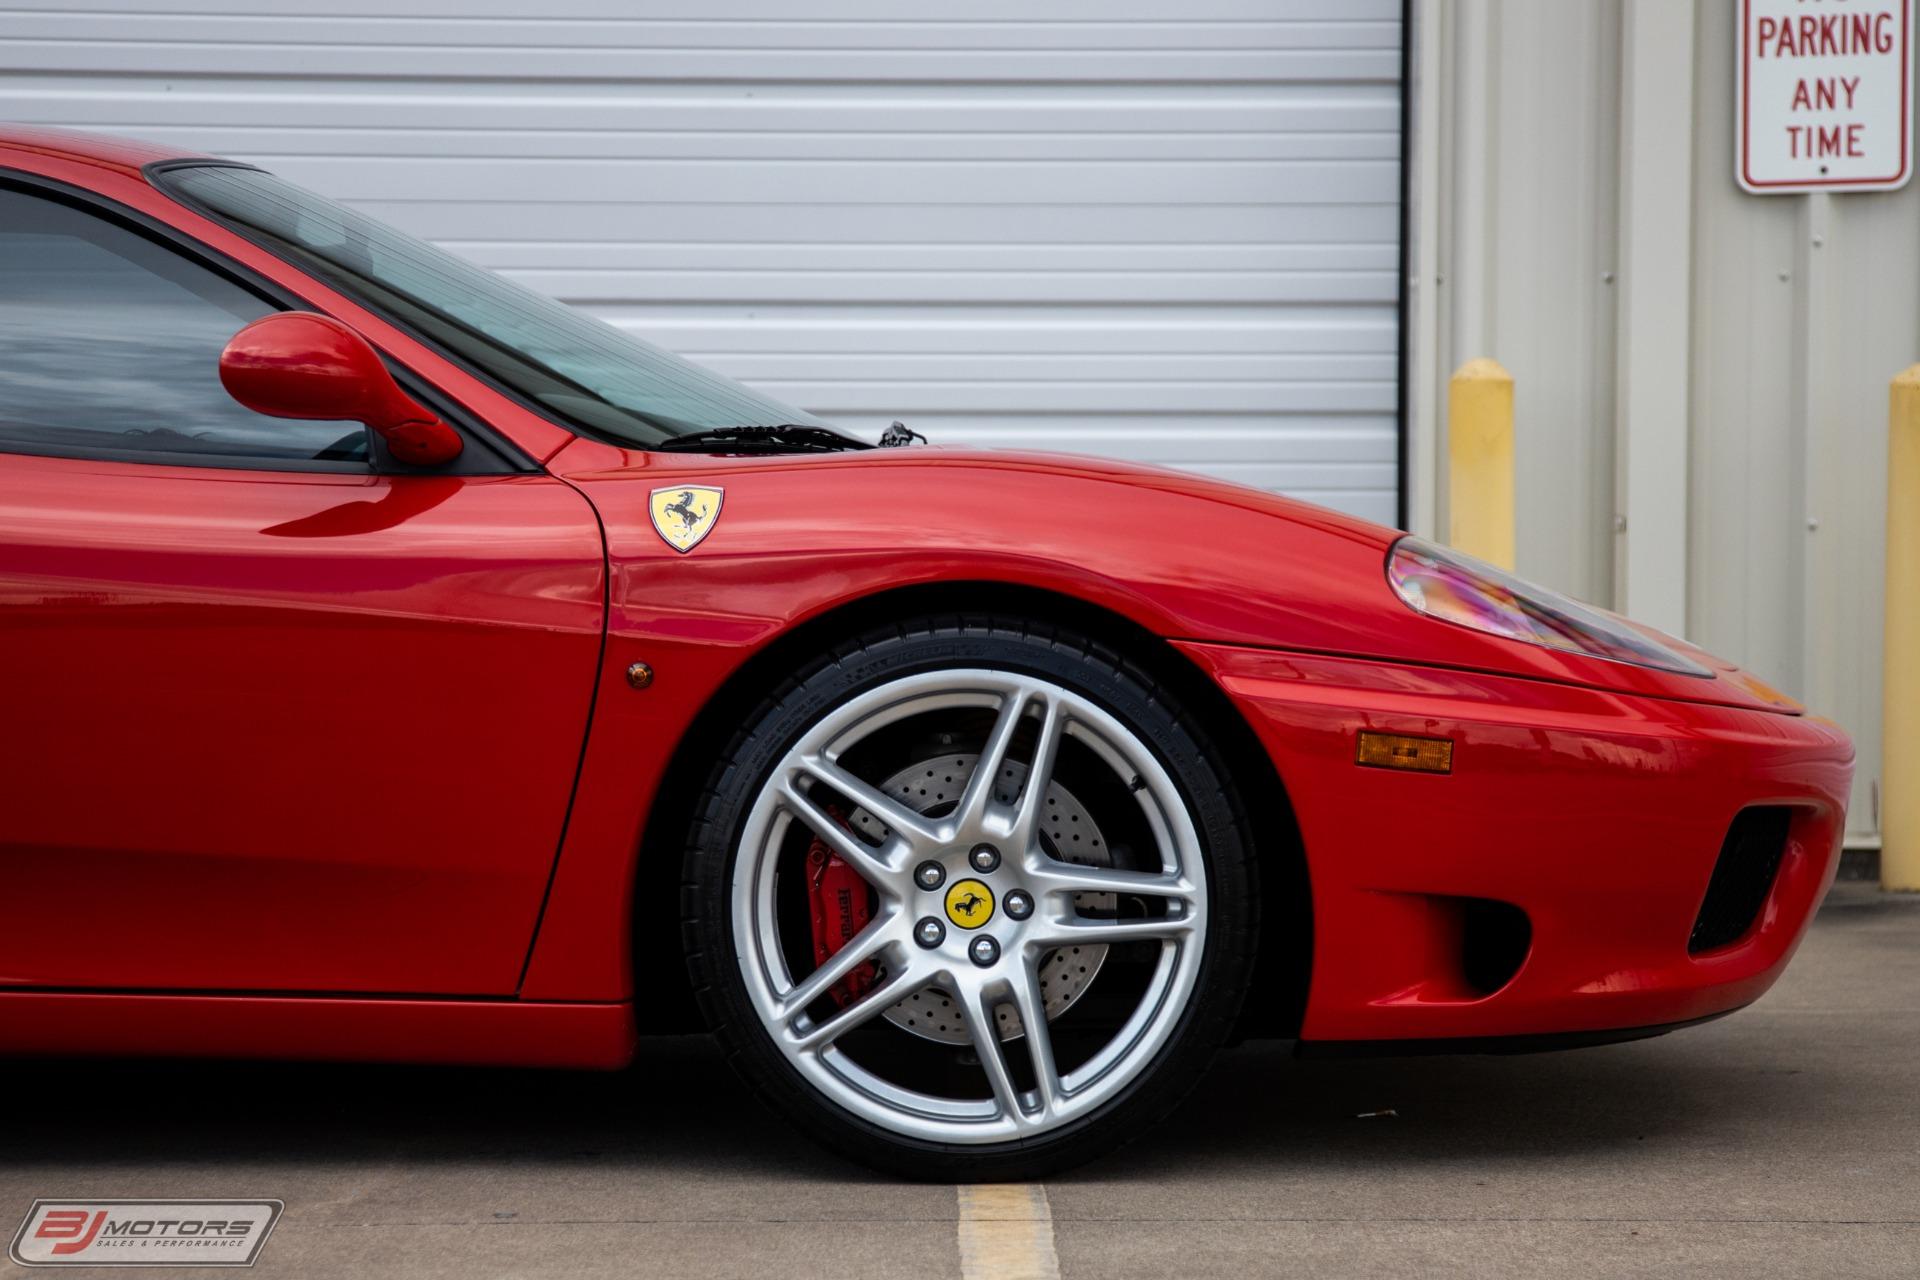 Used-2003-Ferrari-360-Modena-Coupe